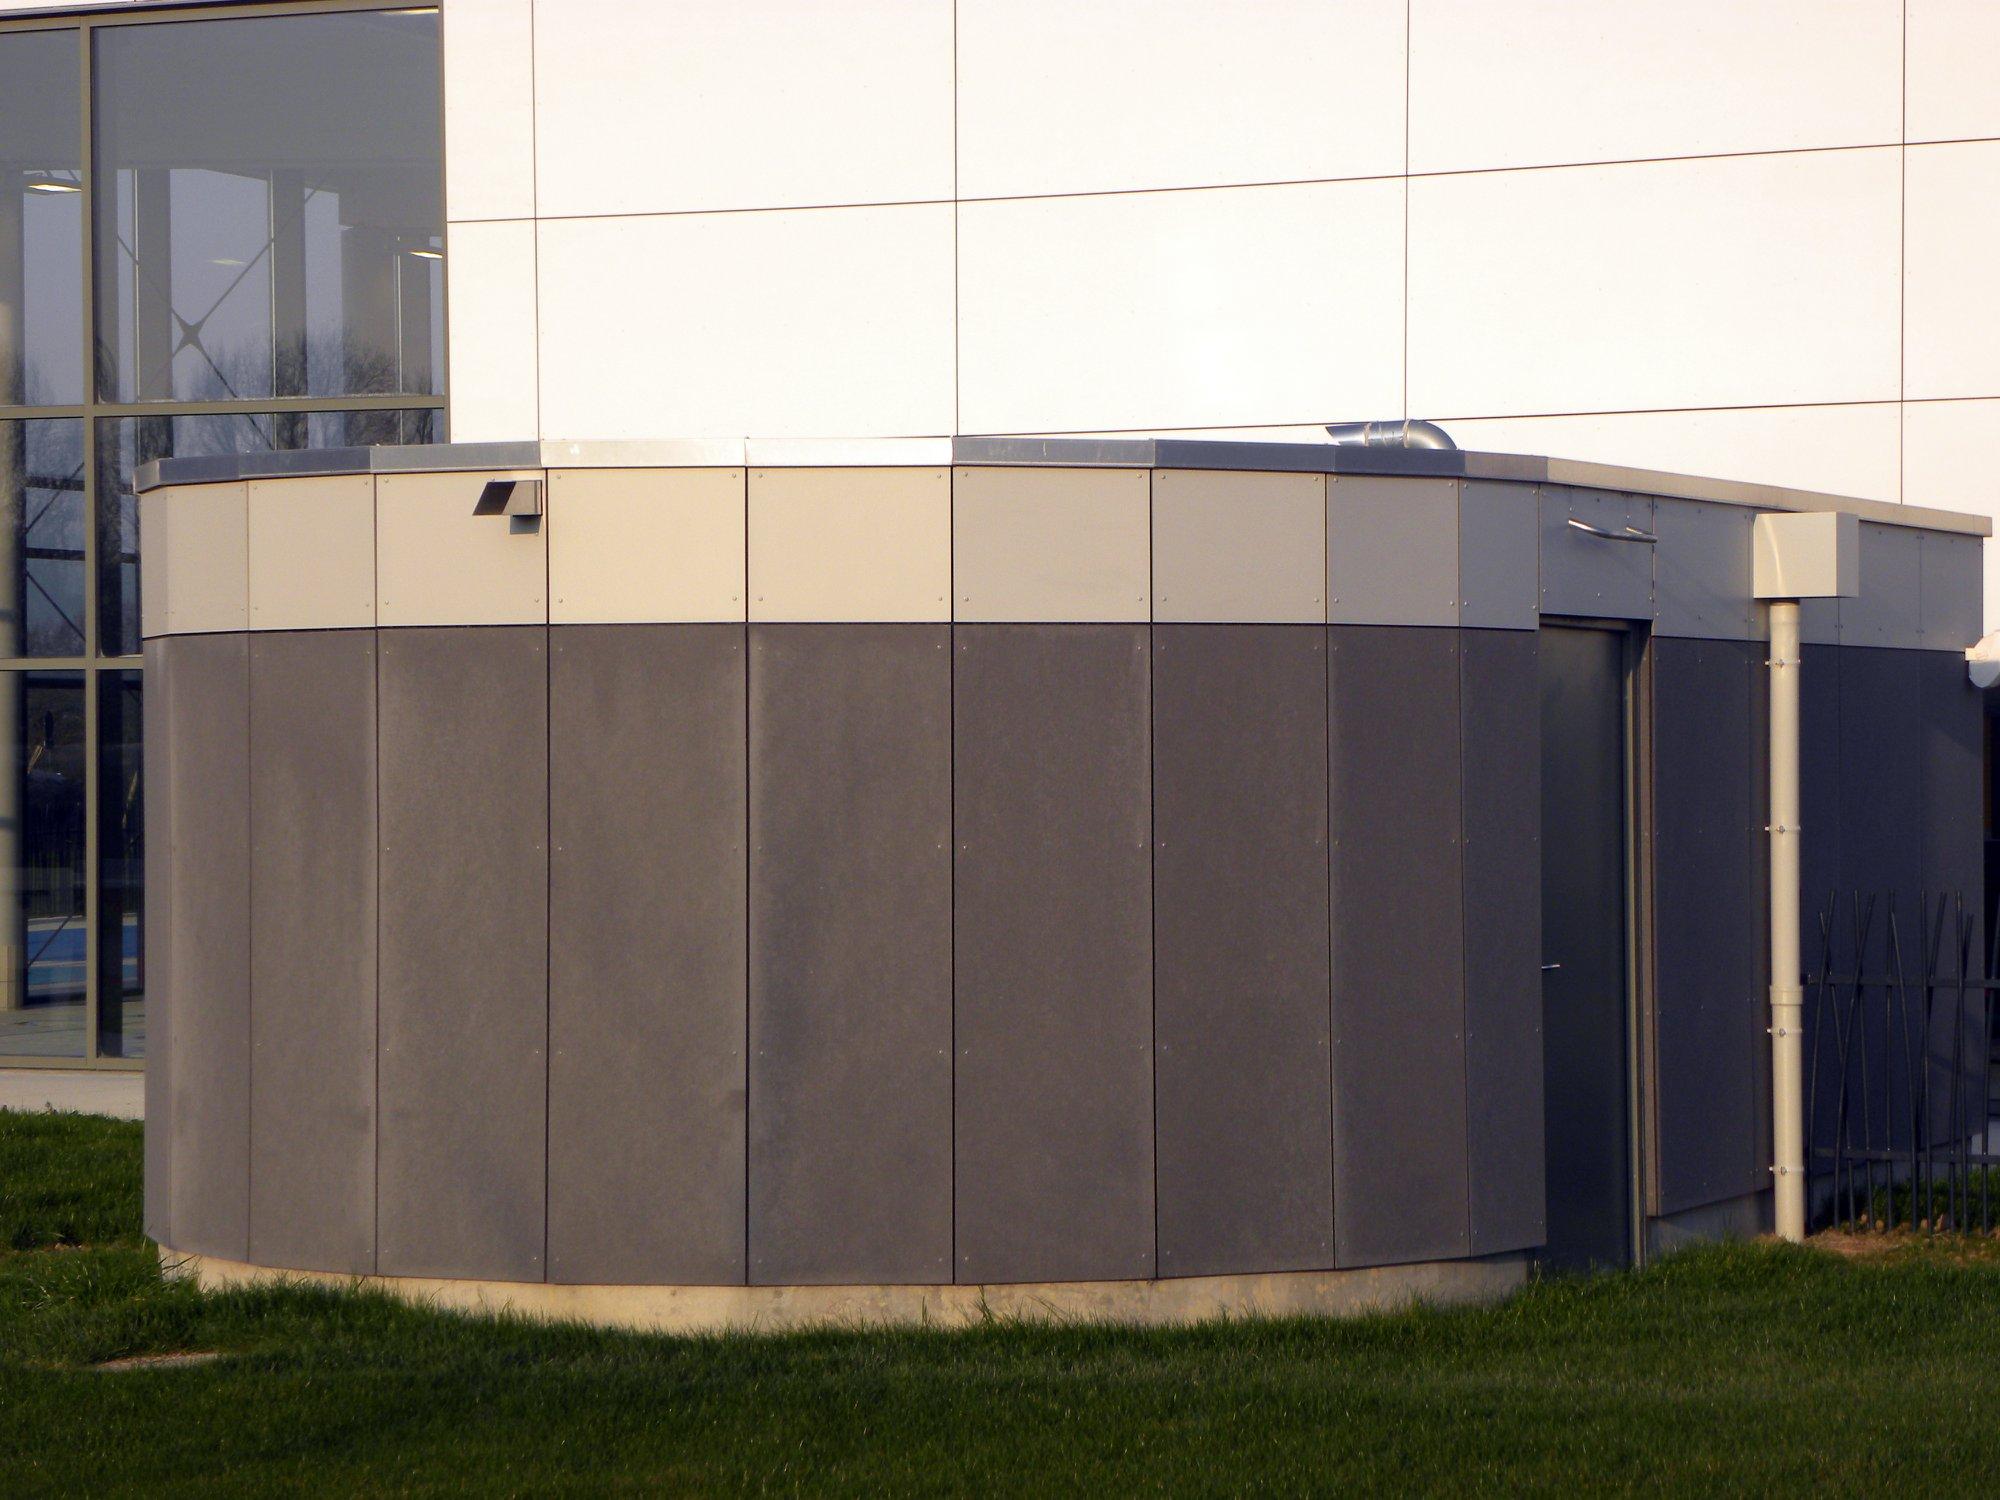 panneau de façade en fibrociment MATERIA, de la gammeEquitone